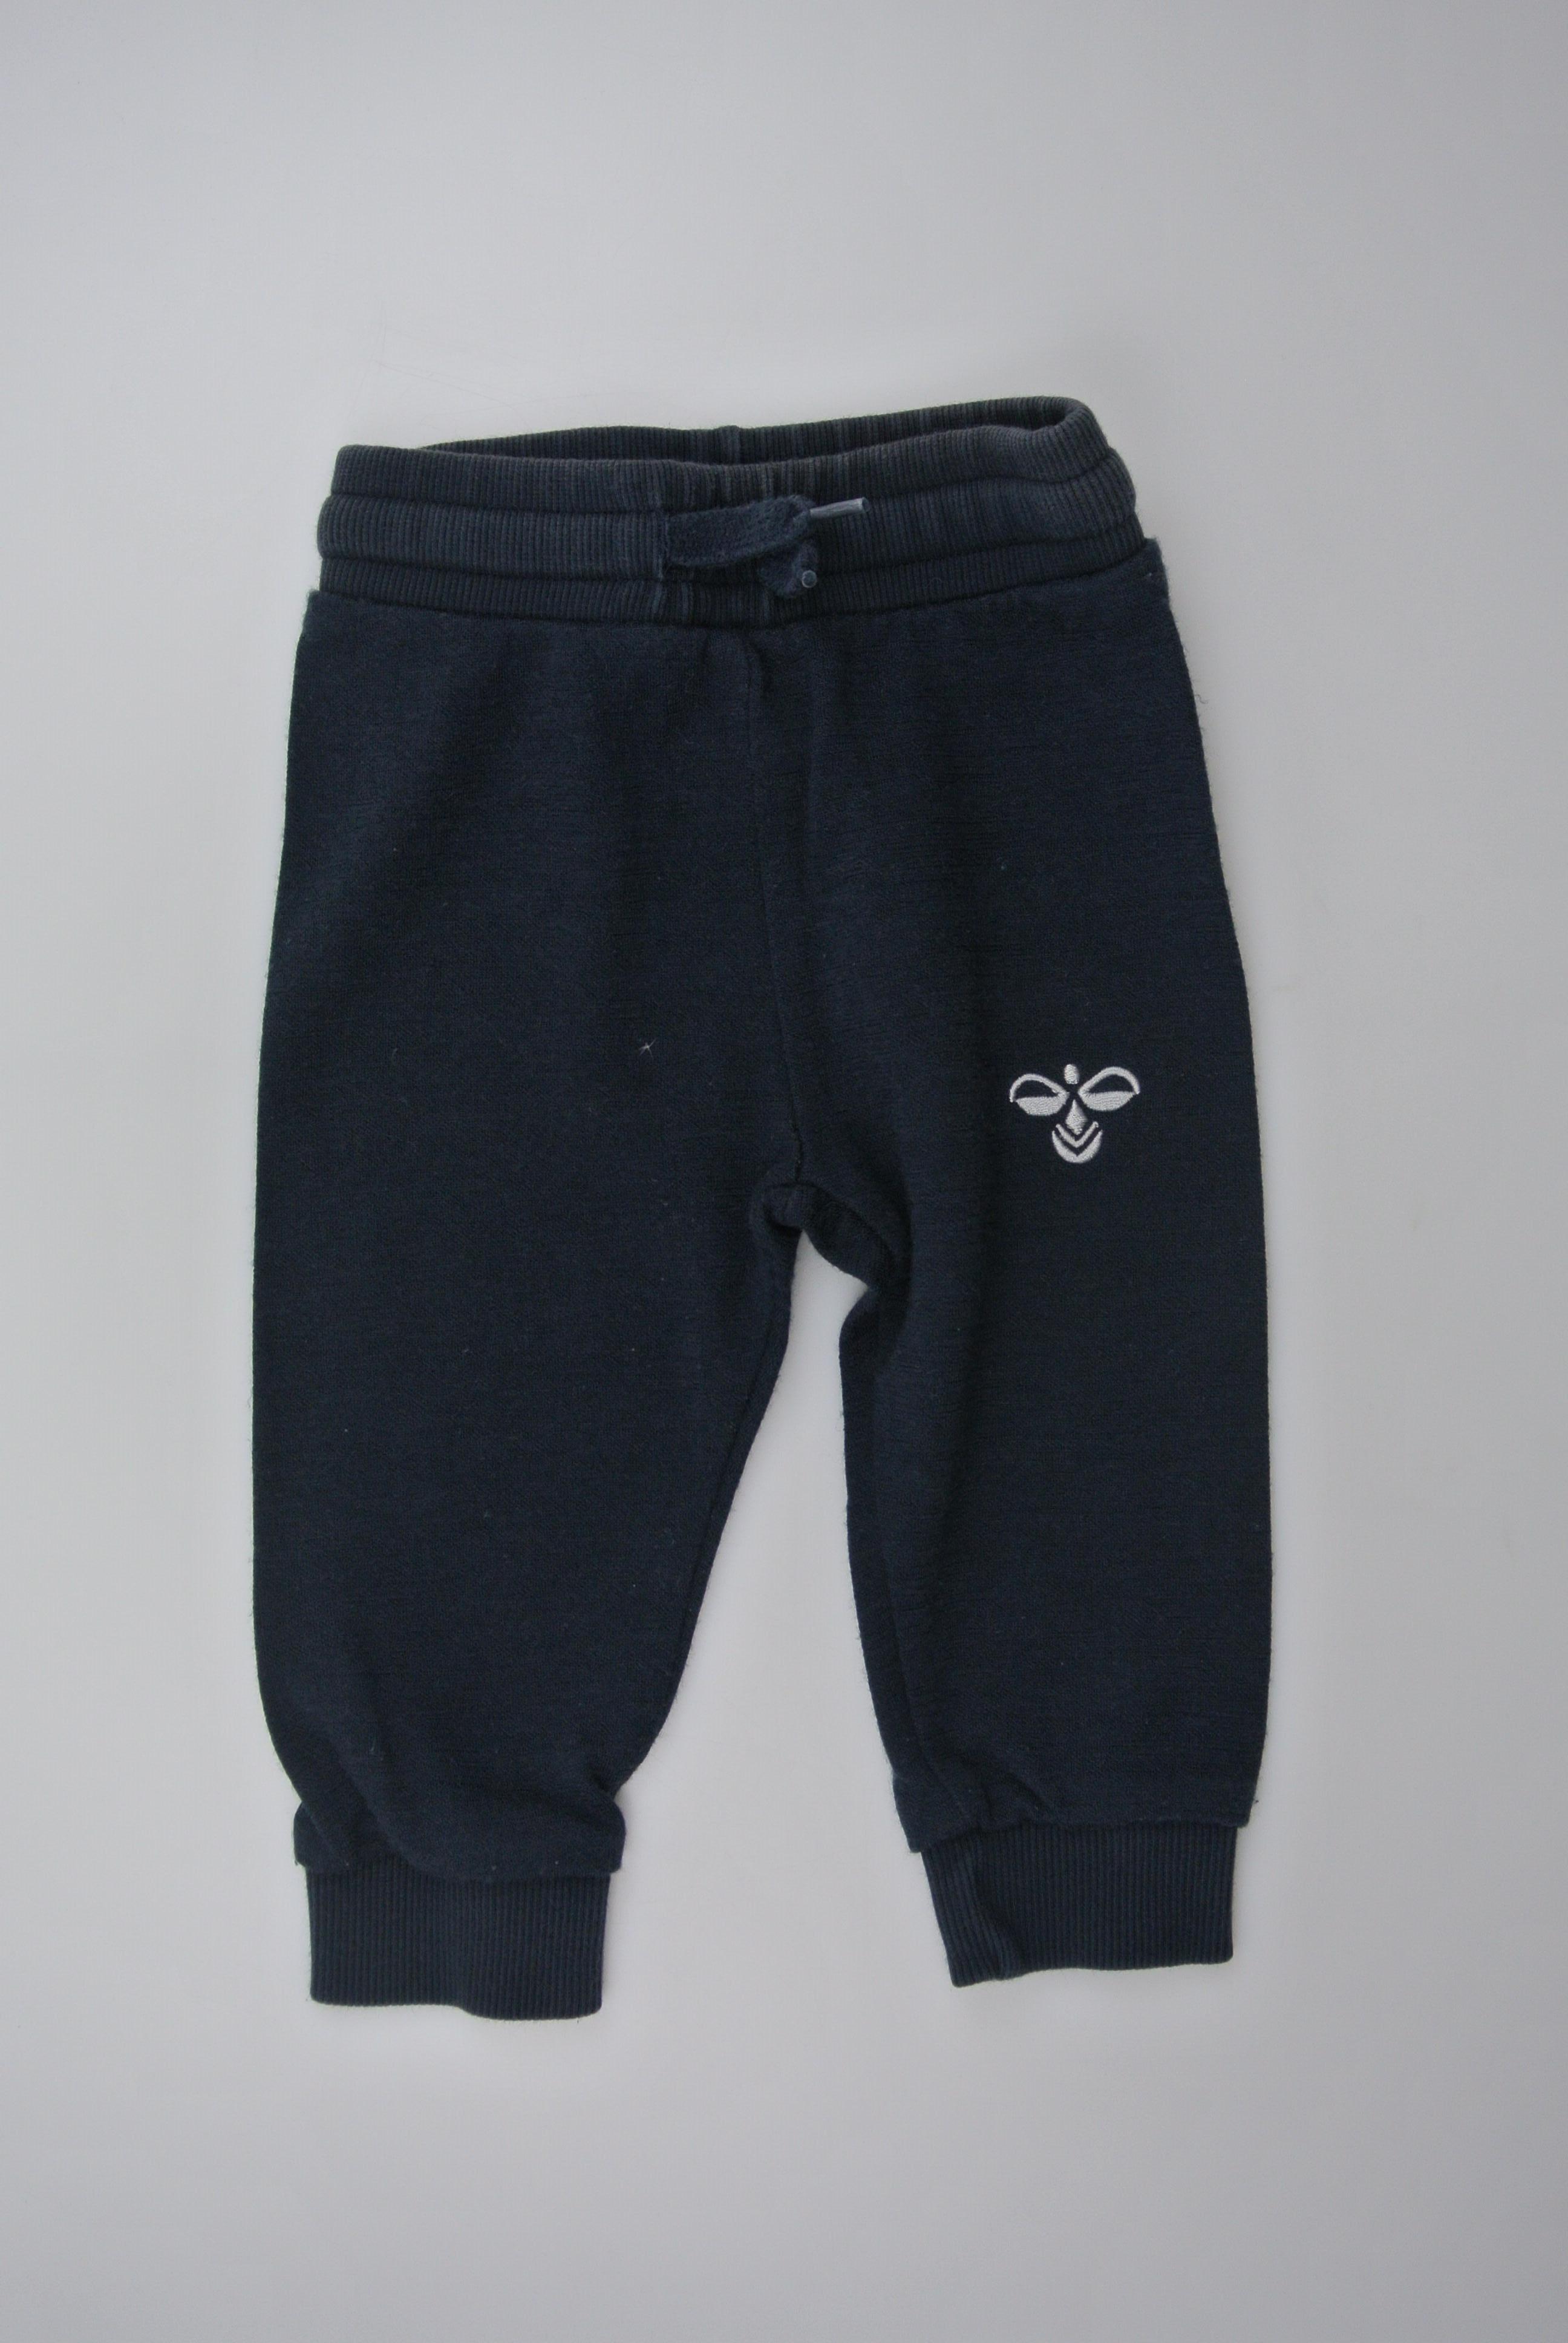 Hummel bukser str 68 dreng uld